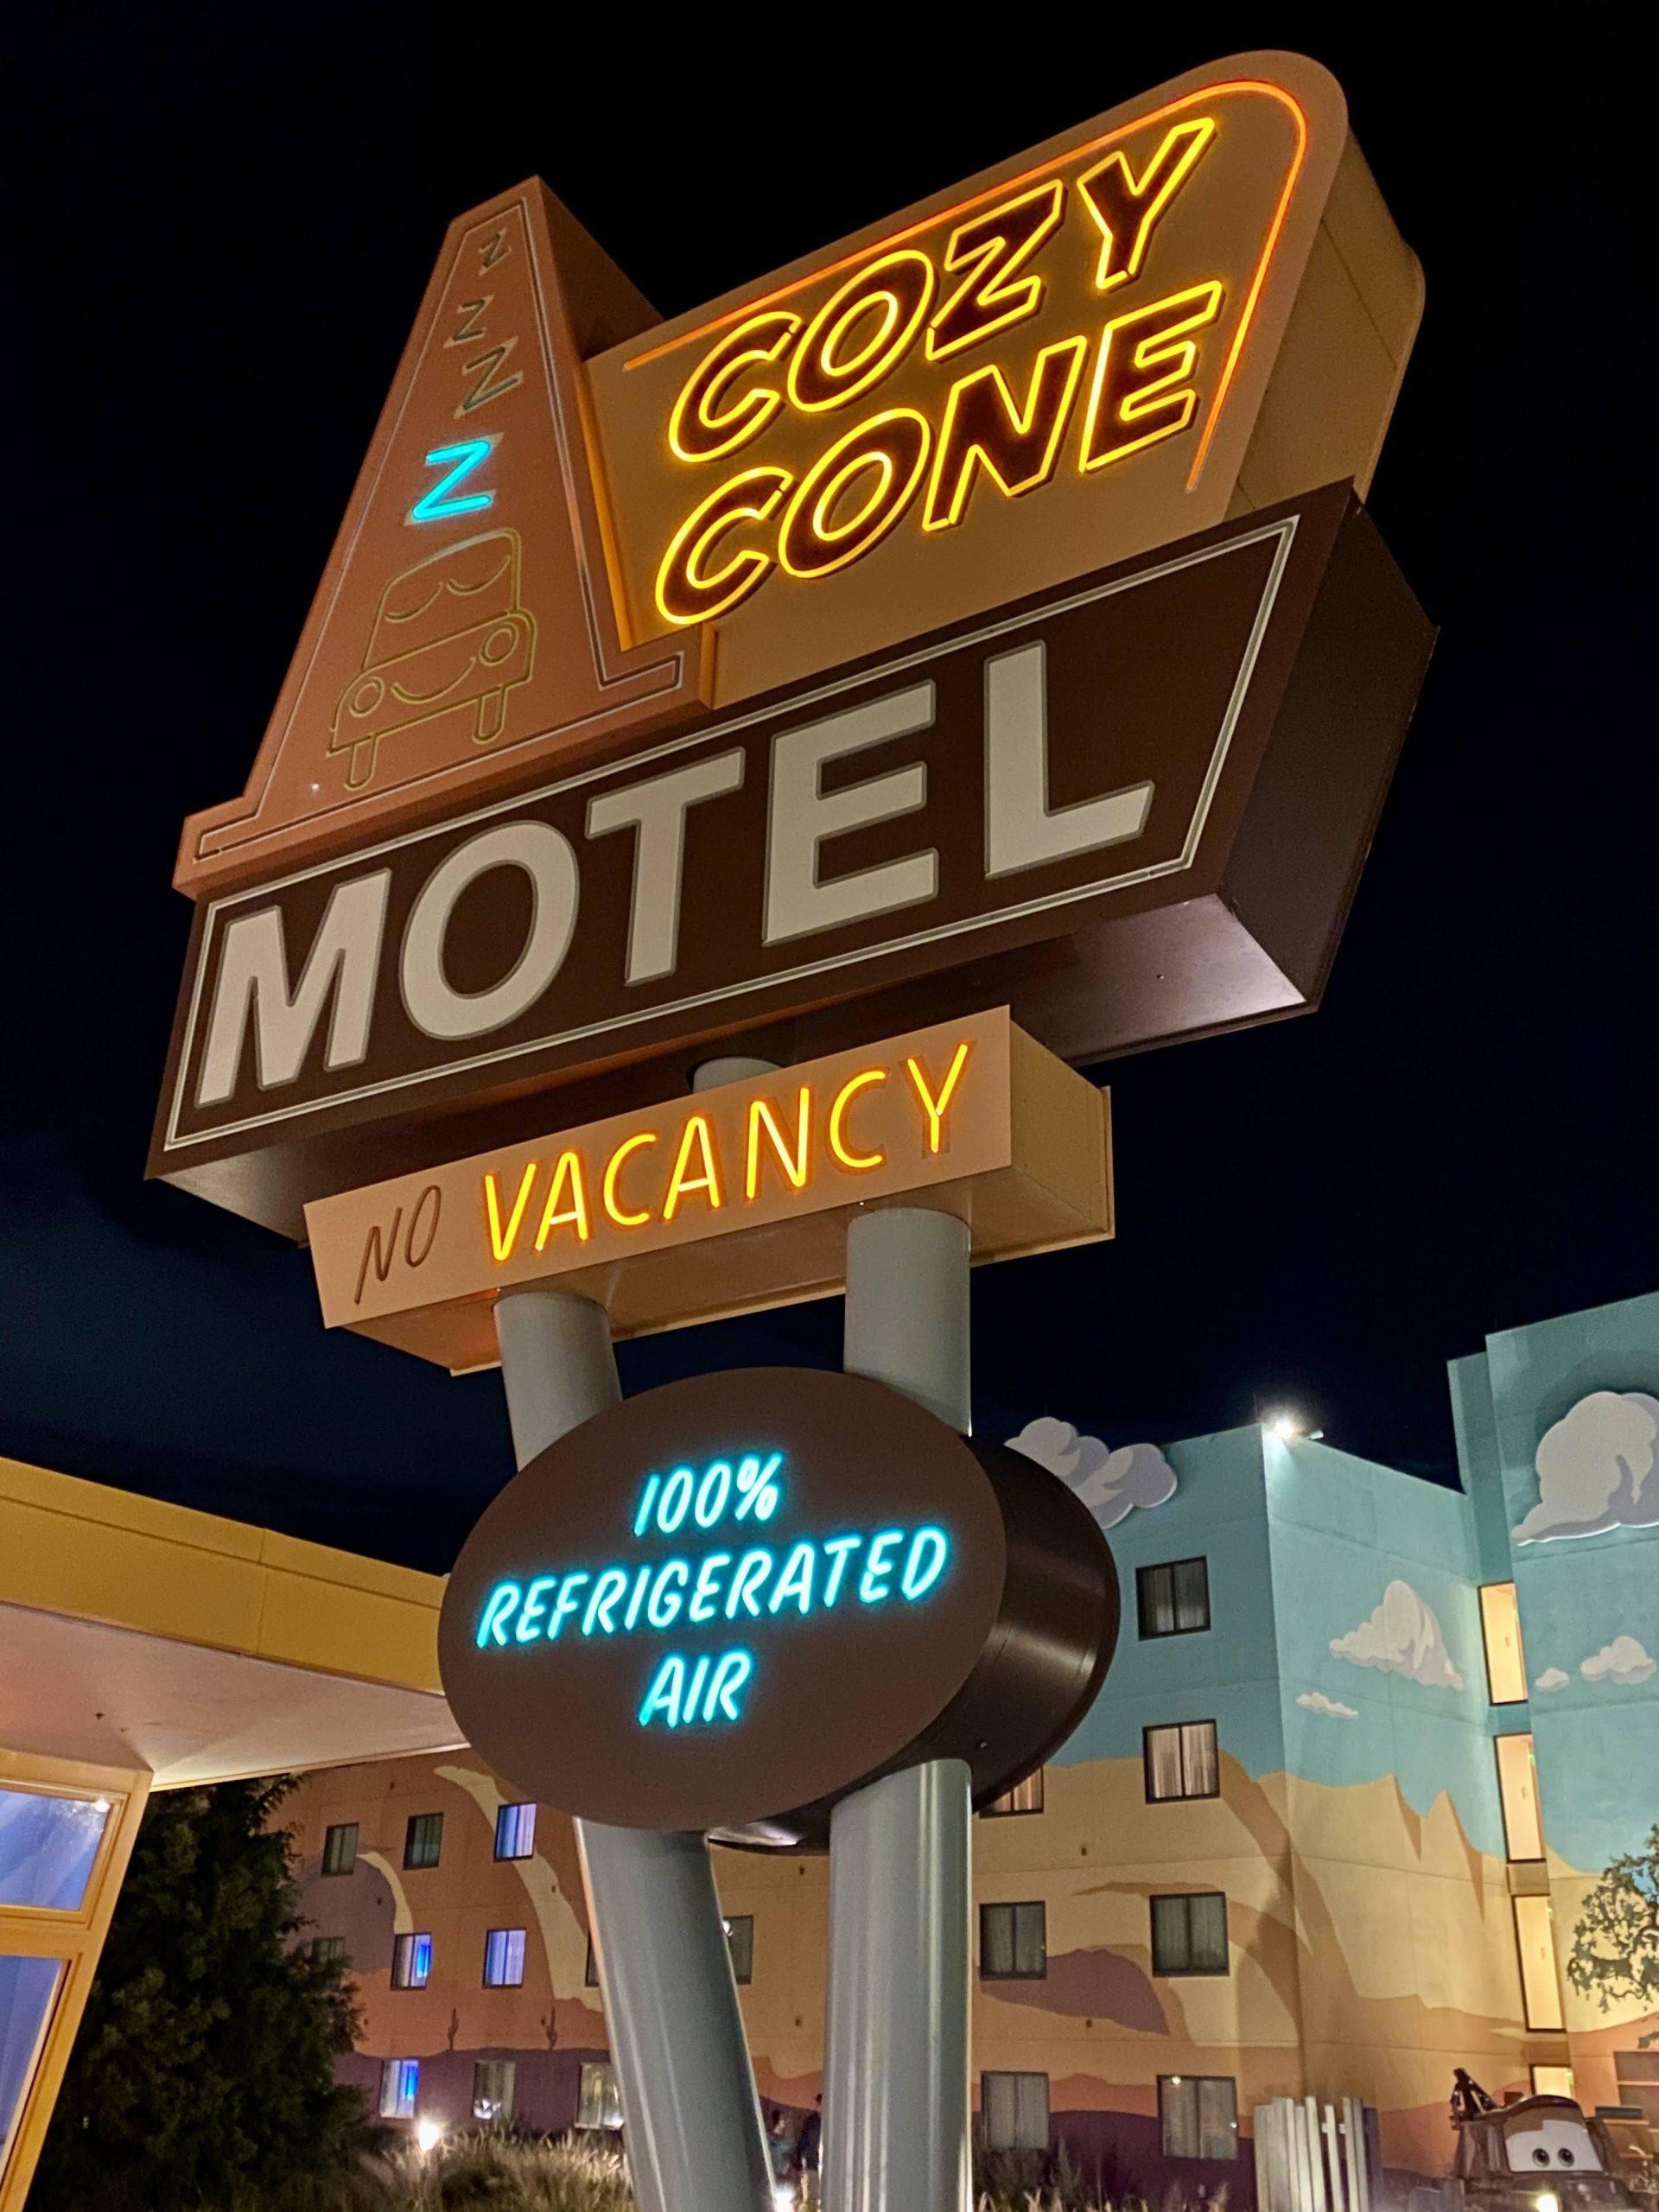 Cozy Cone Hotel sign